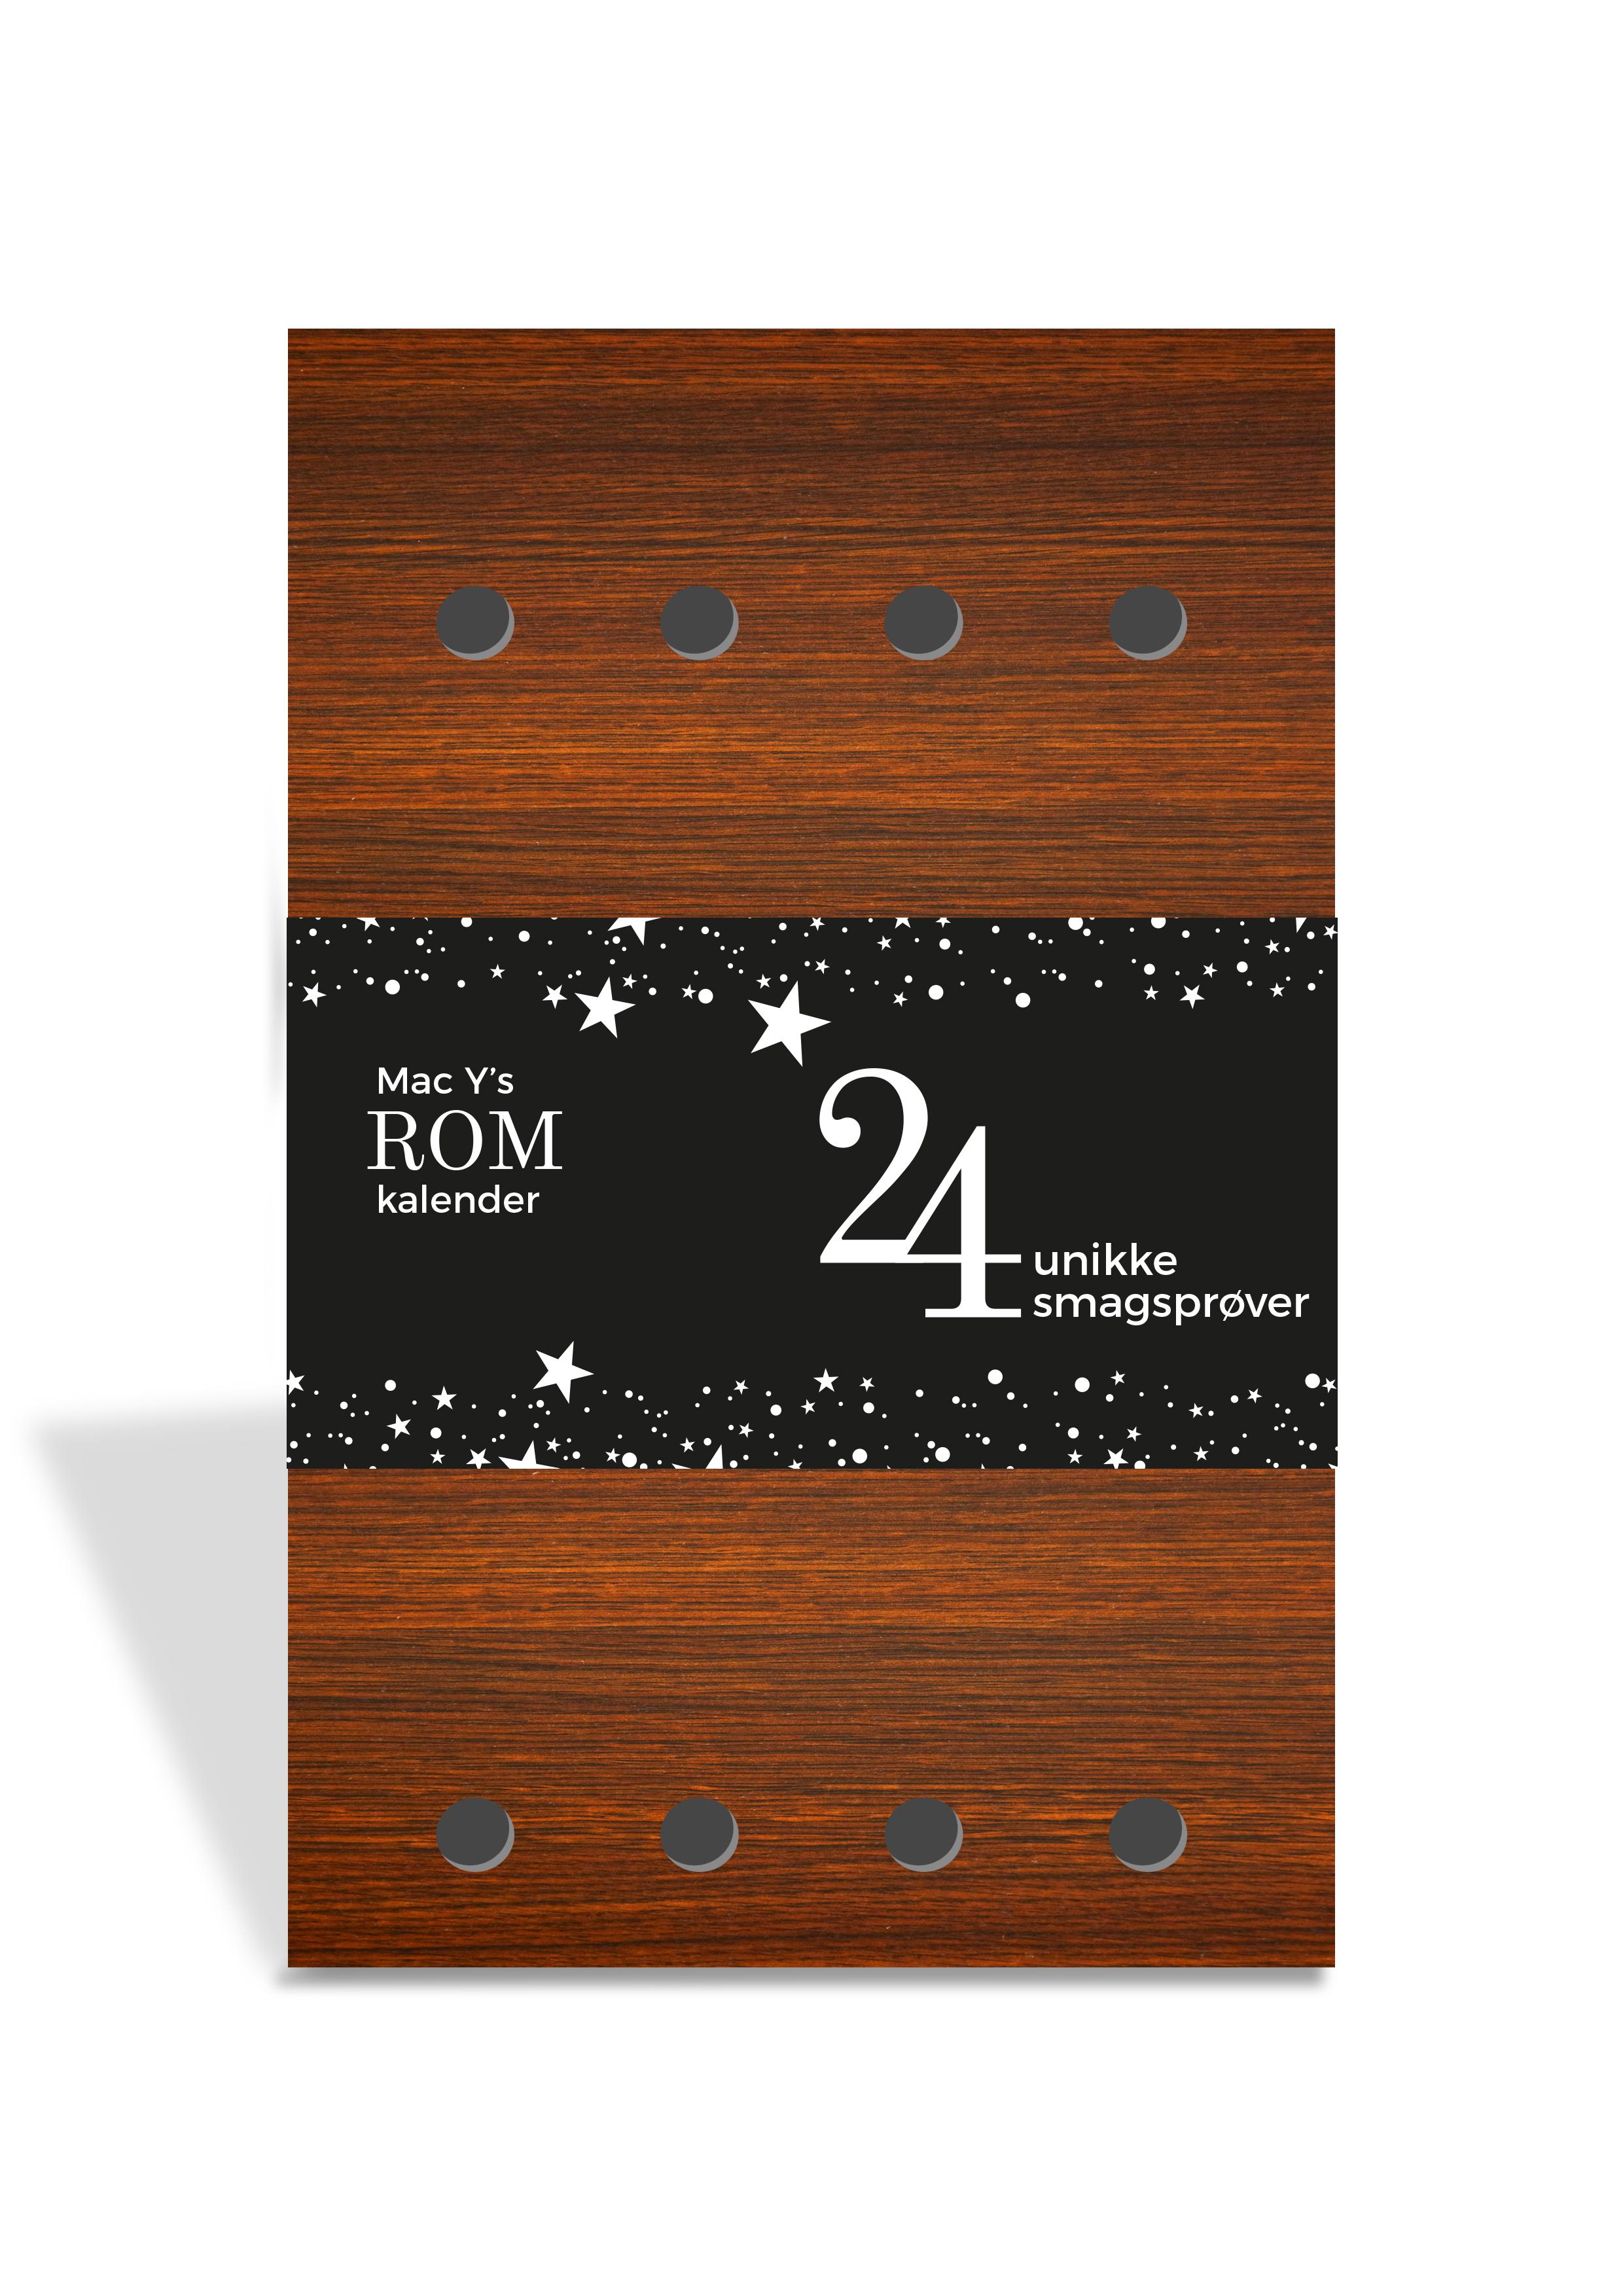 Folkekære Rom Julekalender, 24 Unikke Rom fra Mac-Y - Den Gyldne Løve GC-19